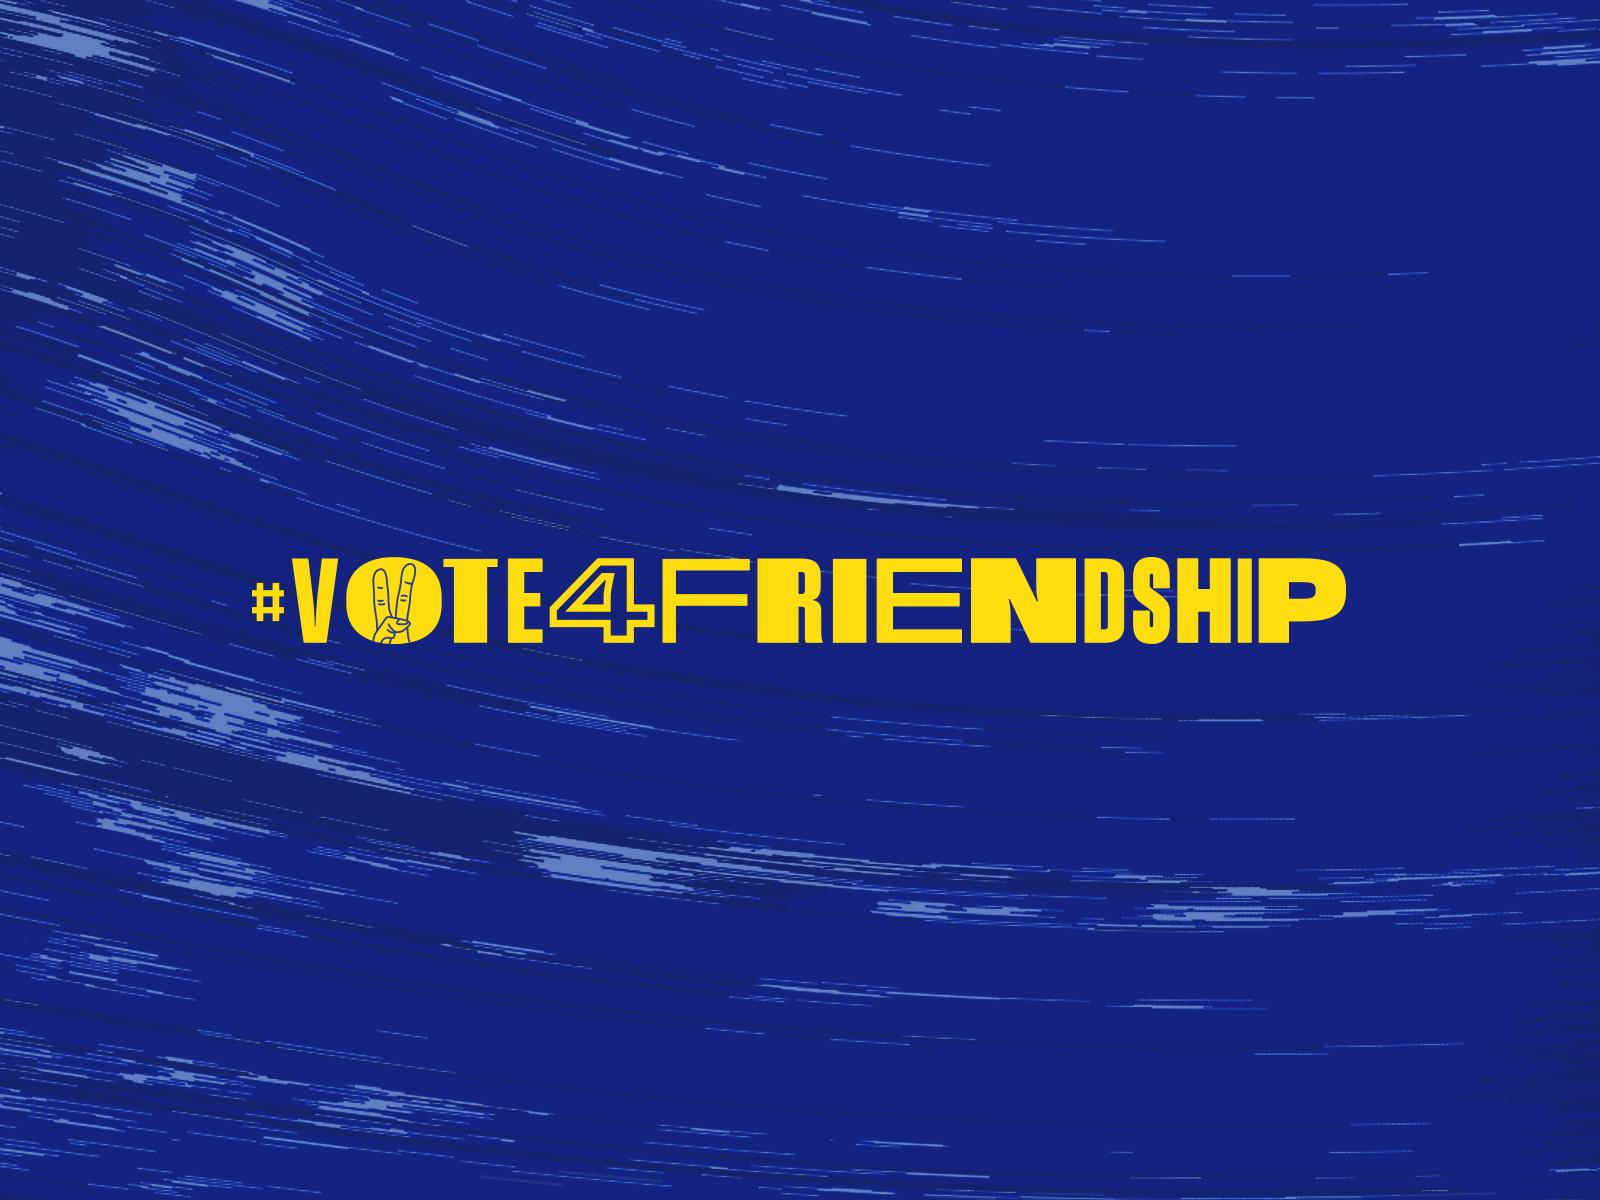 Vote For Friendship